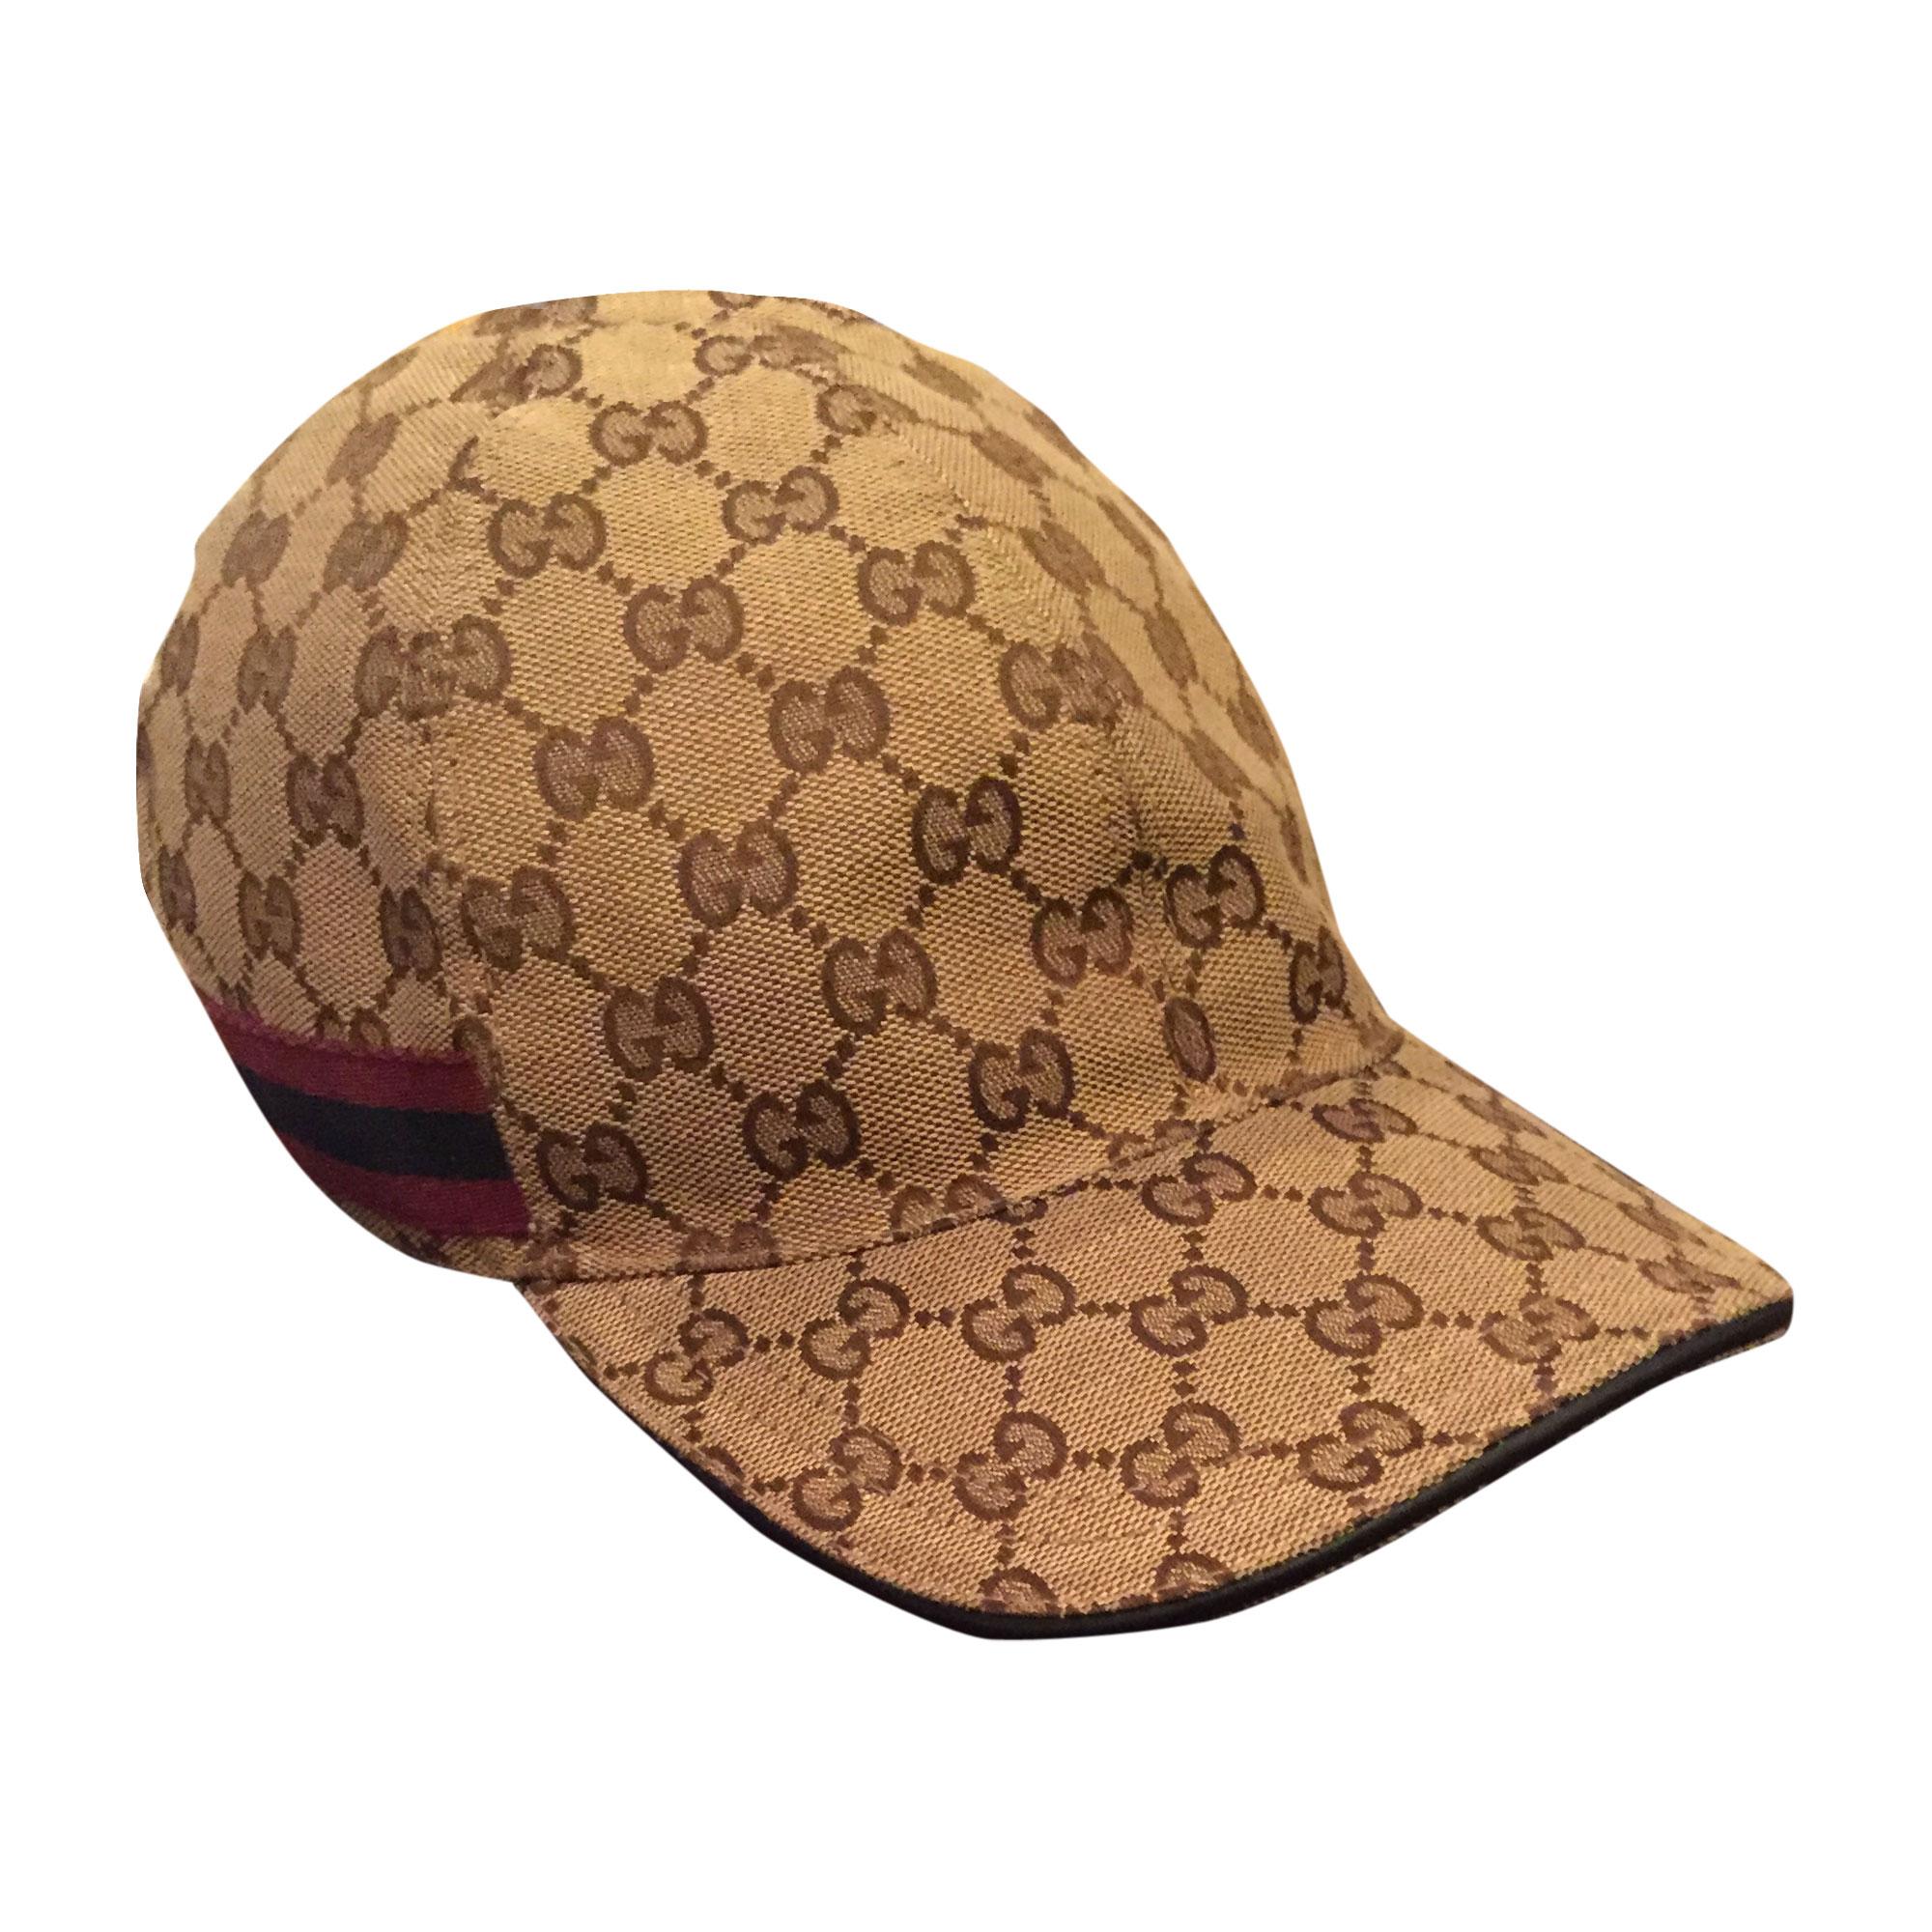 Casquette GUCCI Taille unique doré vendu par Sacha 284 - 4933426 fab2489d853